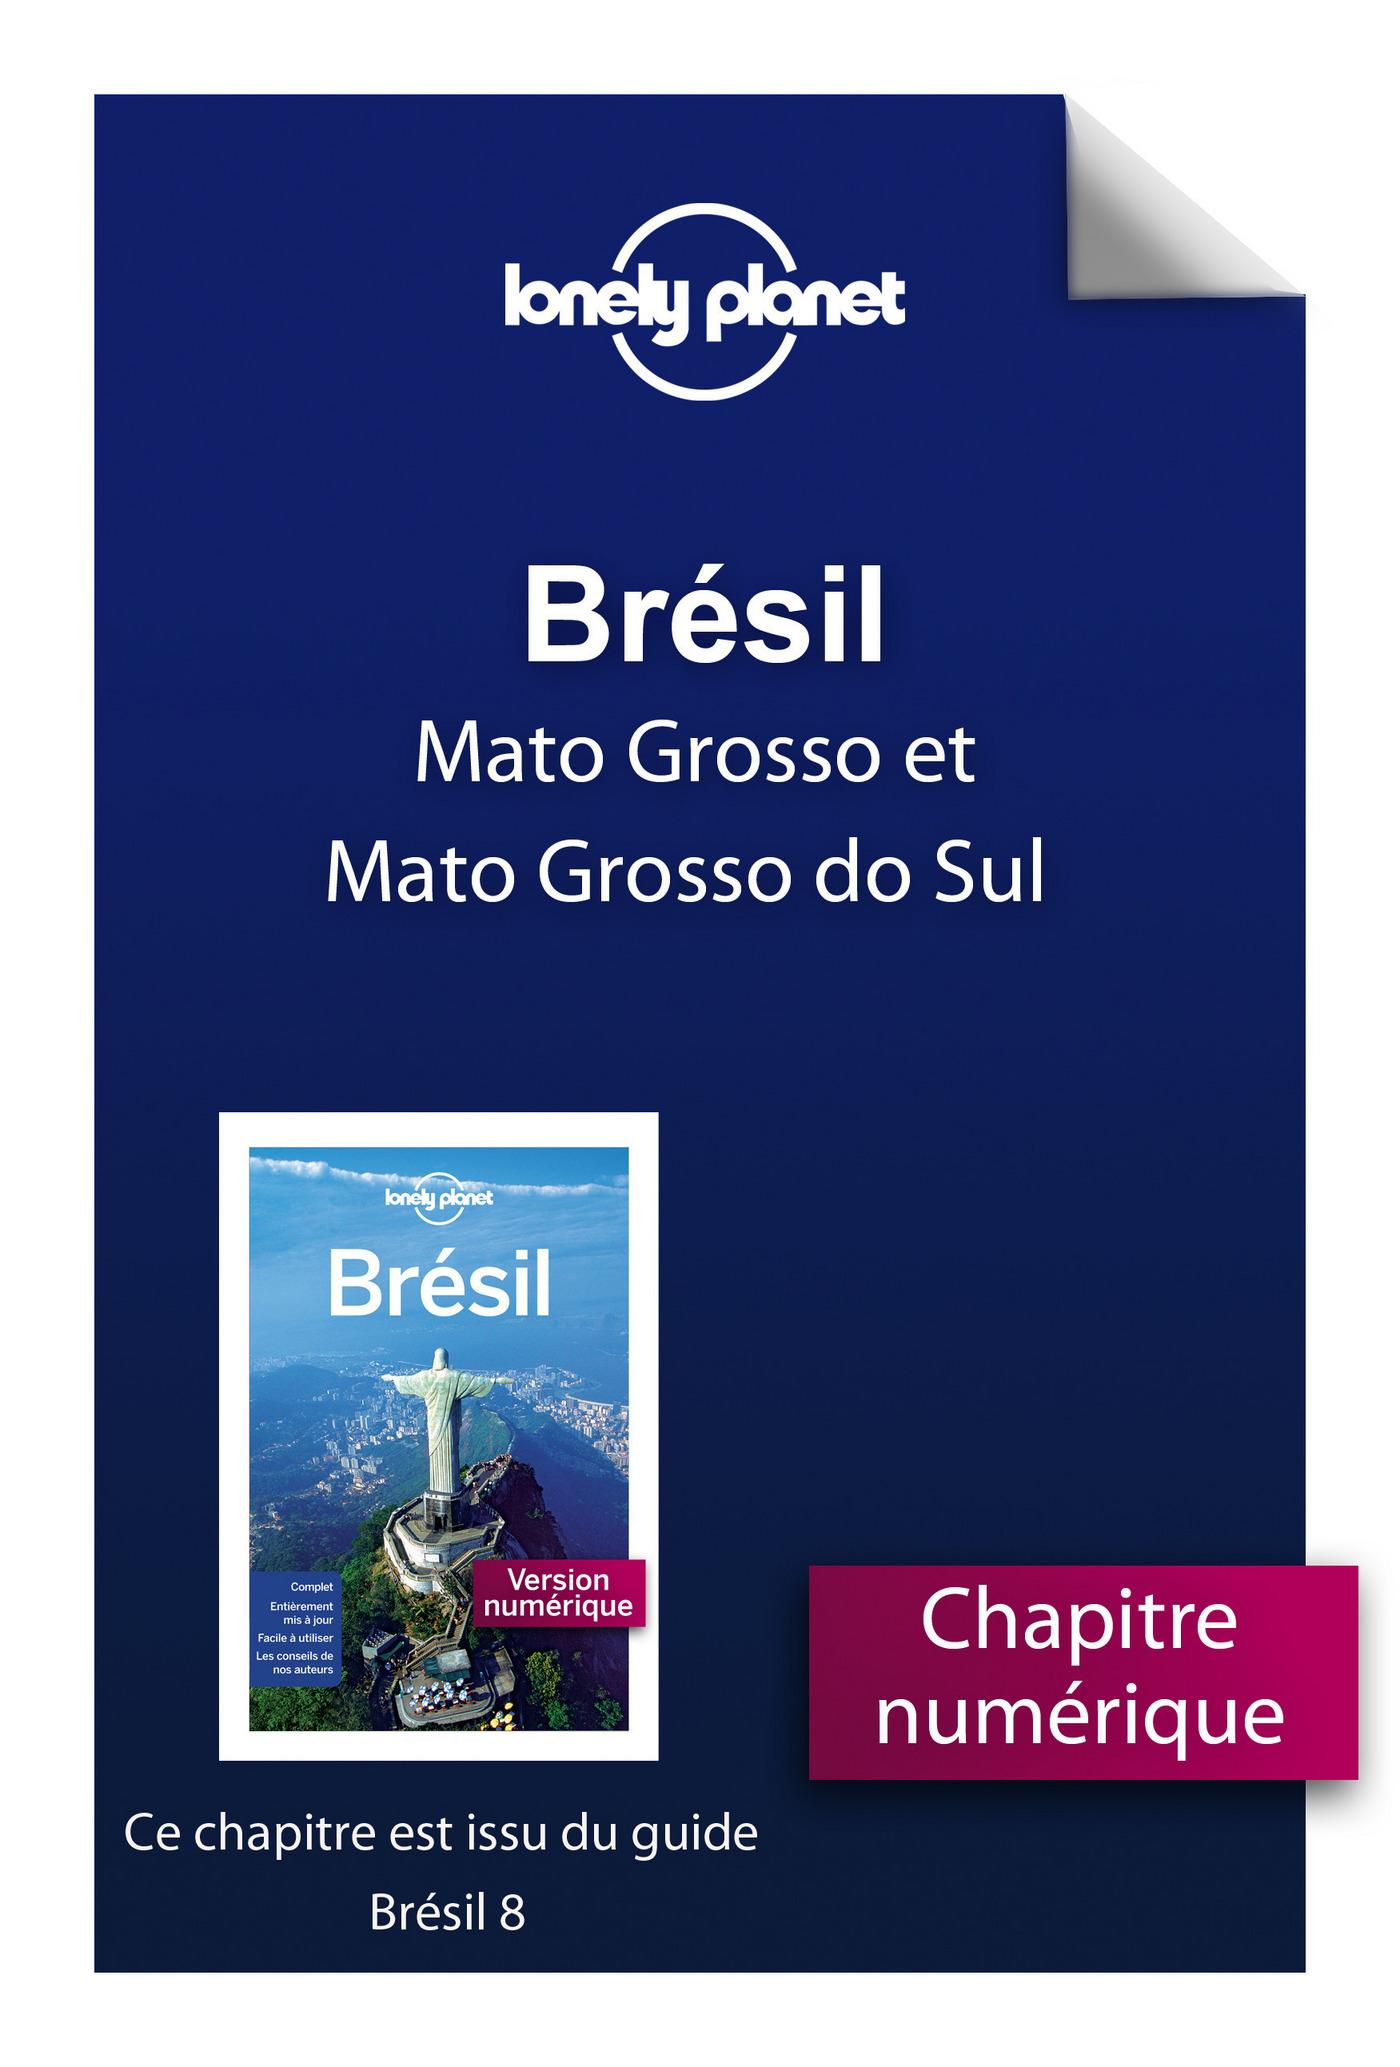 Brésil 8 - Mato Grosso et Mato Grosso do Sul